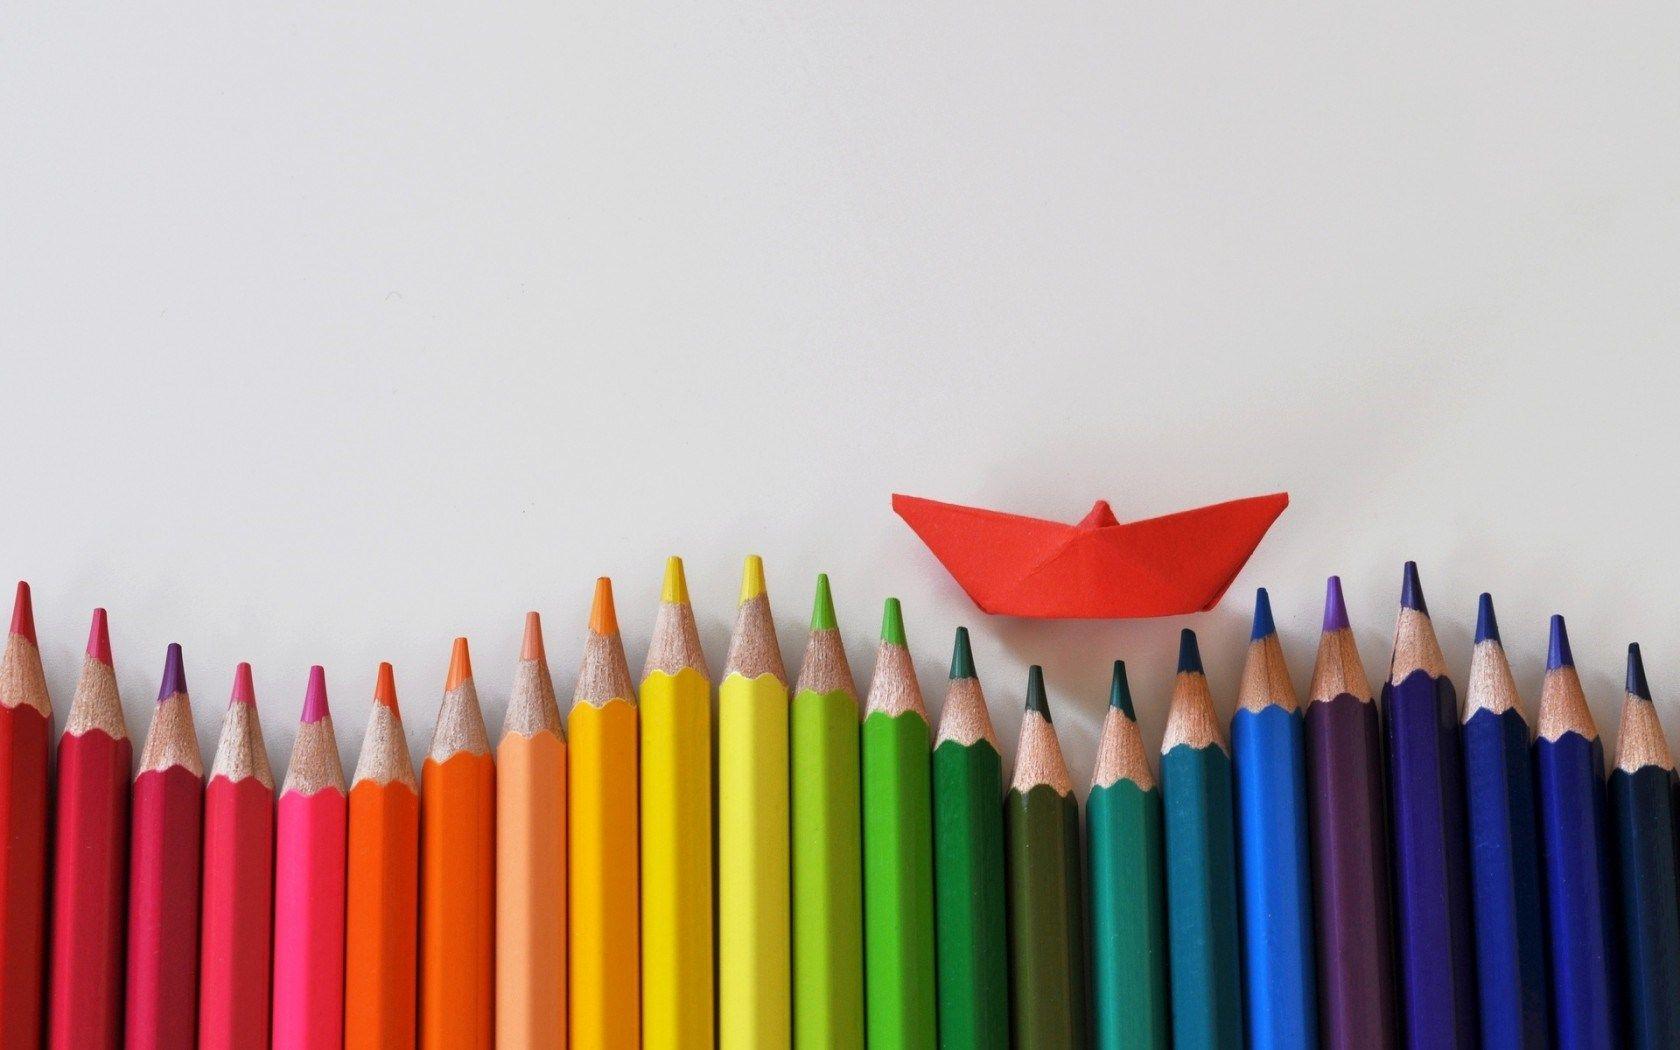 специфику цветные карандаши картинки для оформления тех